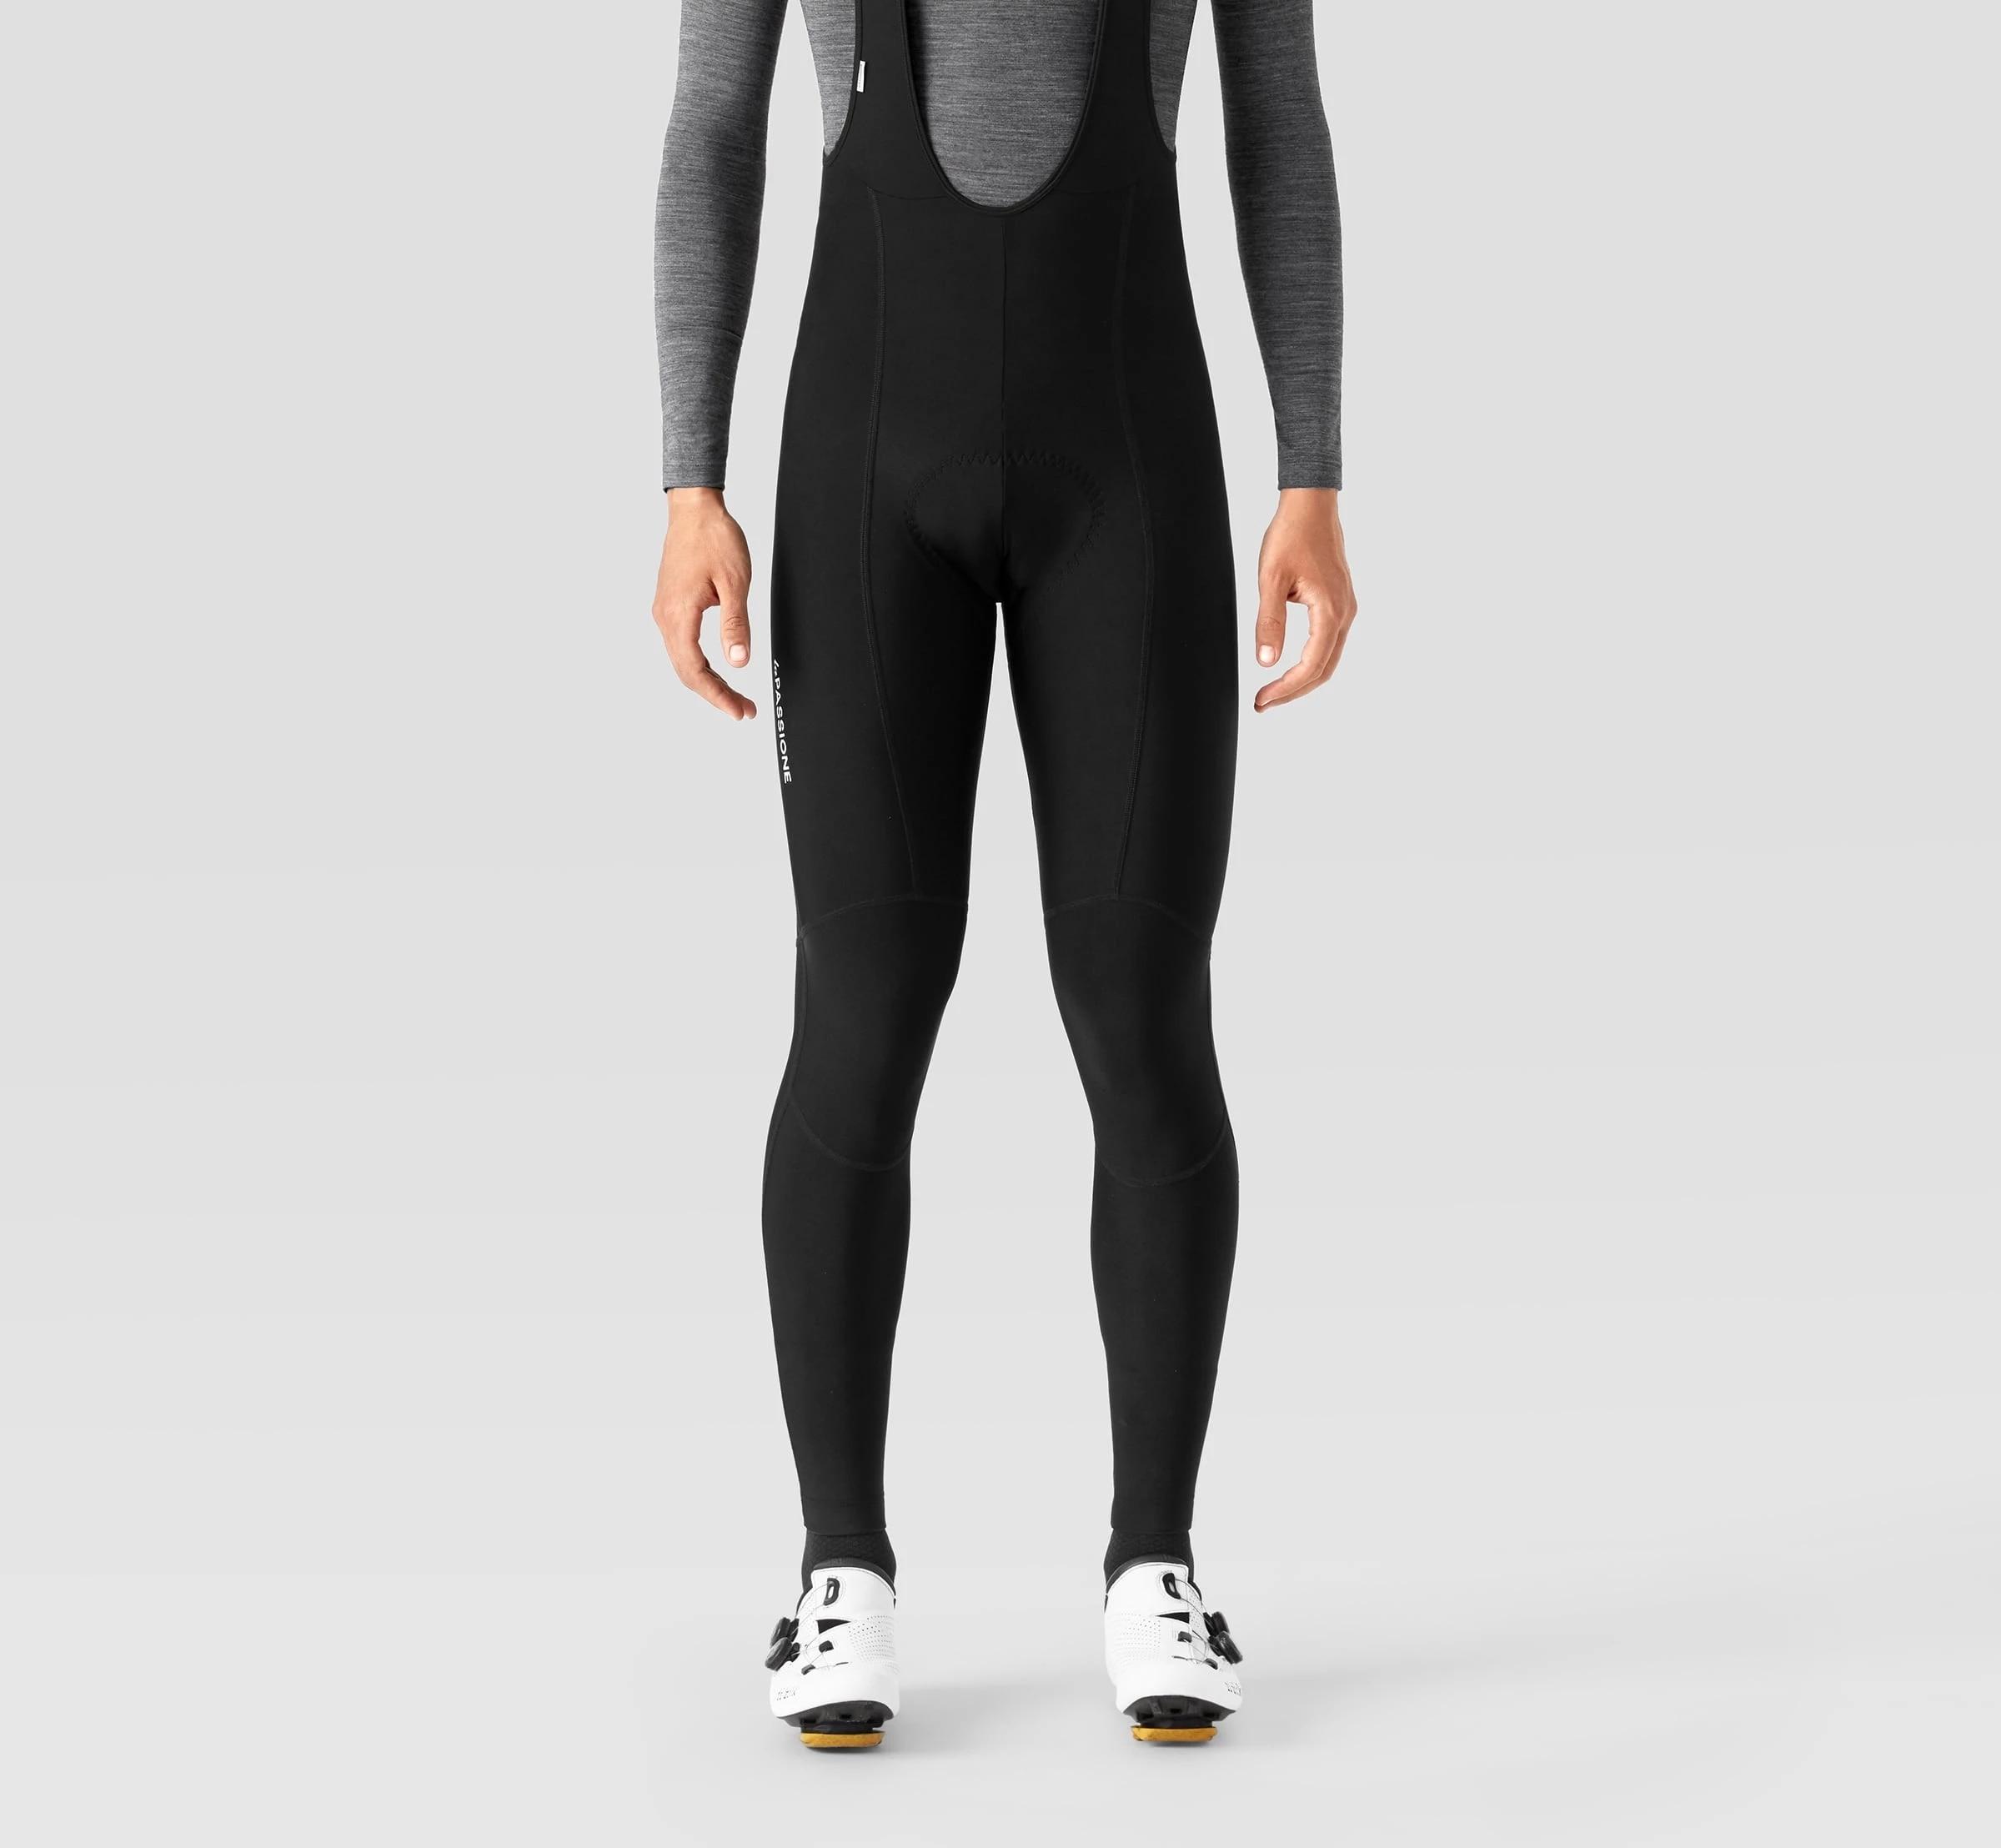 LA PASSIONE negro de invierno de los hombres de lana térmica pantalones con tirantes de ciclismo medias de ciclismo Pro equipo rojo esponja Pad MTB Bike pantalones largos